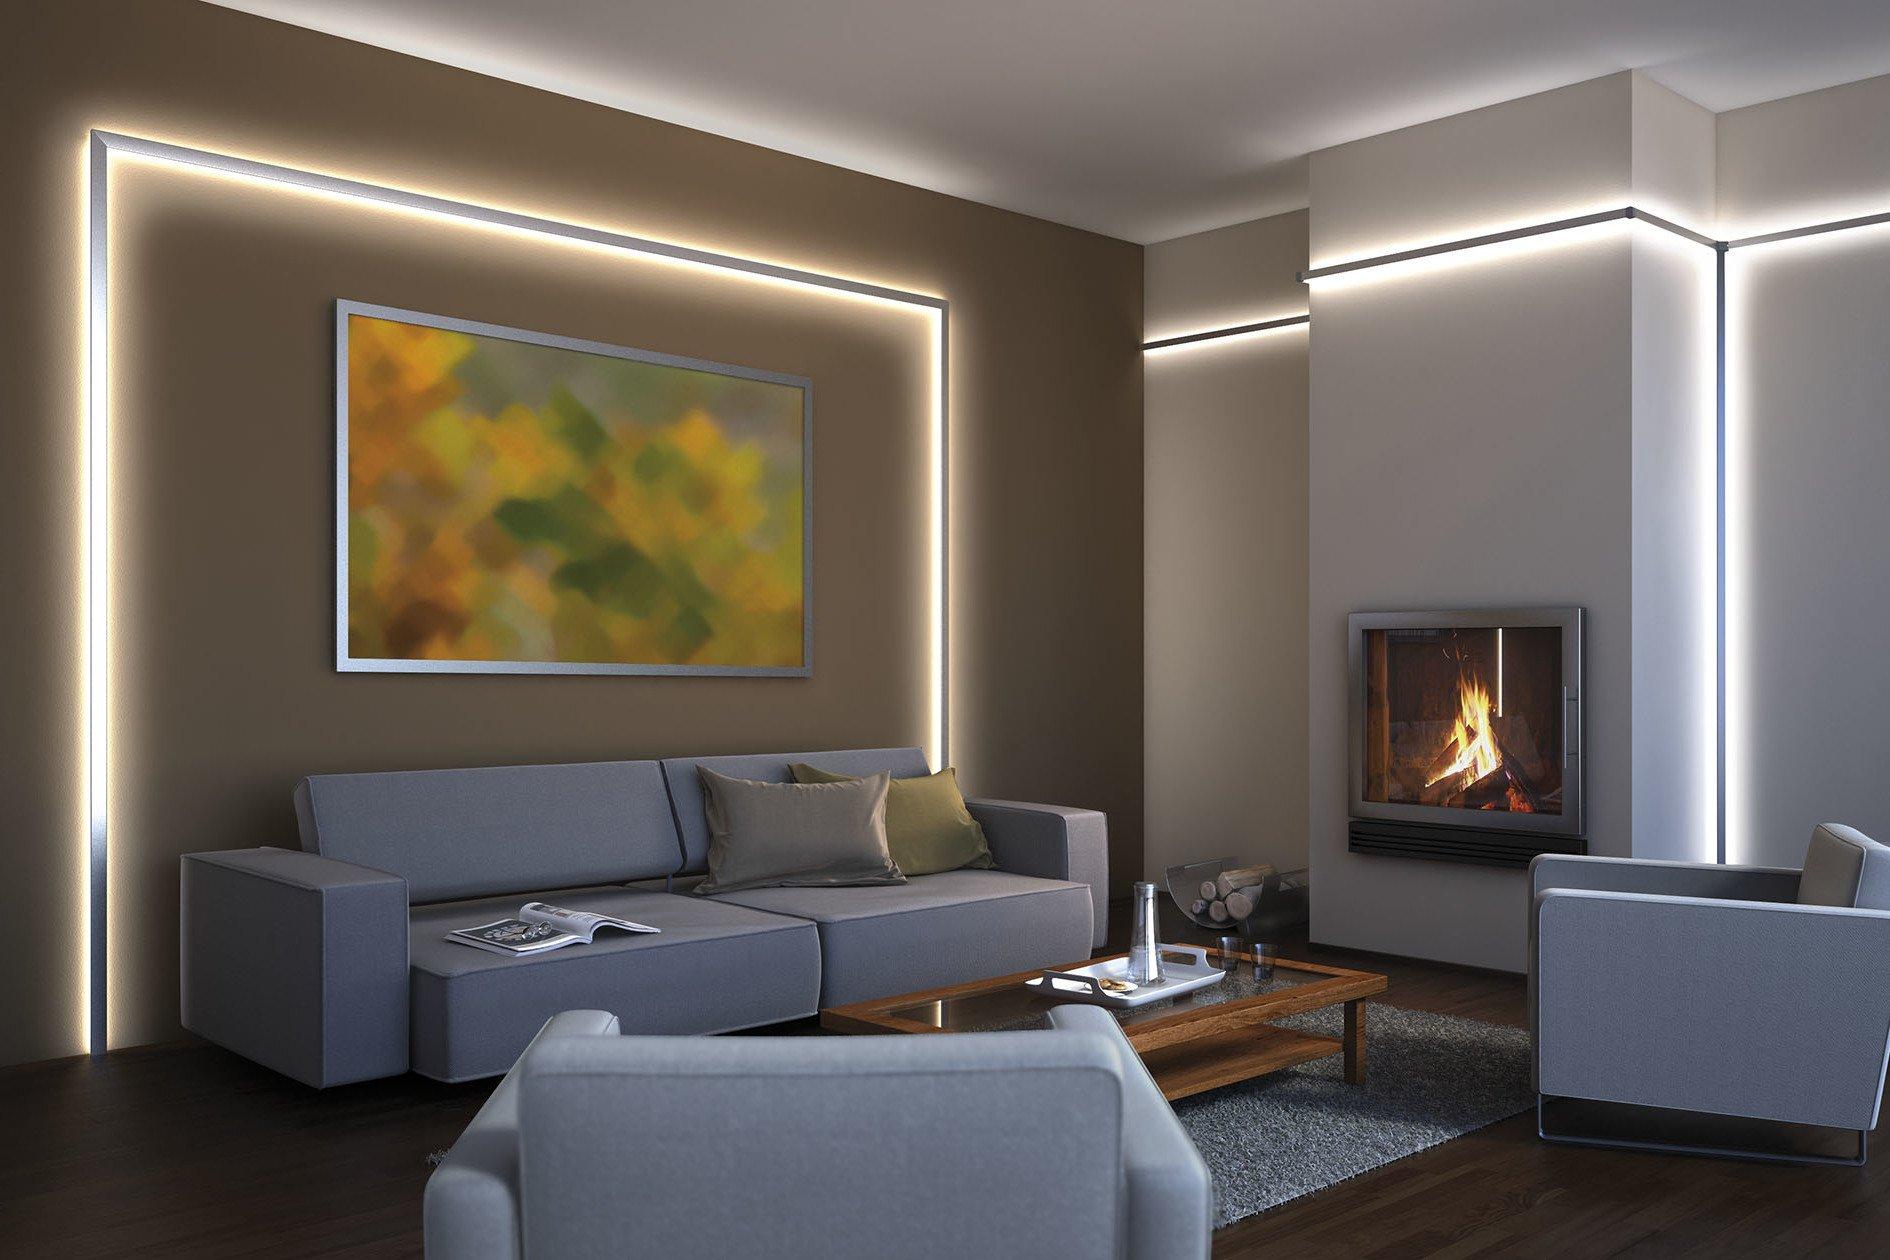 indirekte beleuchtung ein neues wohlgef hl zu hause architektur beleuchtung zenideen. Black Bedroom Furniture Sets. Home Design Ideas